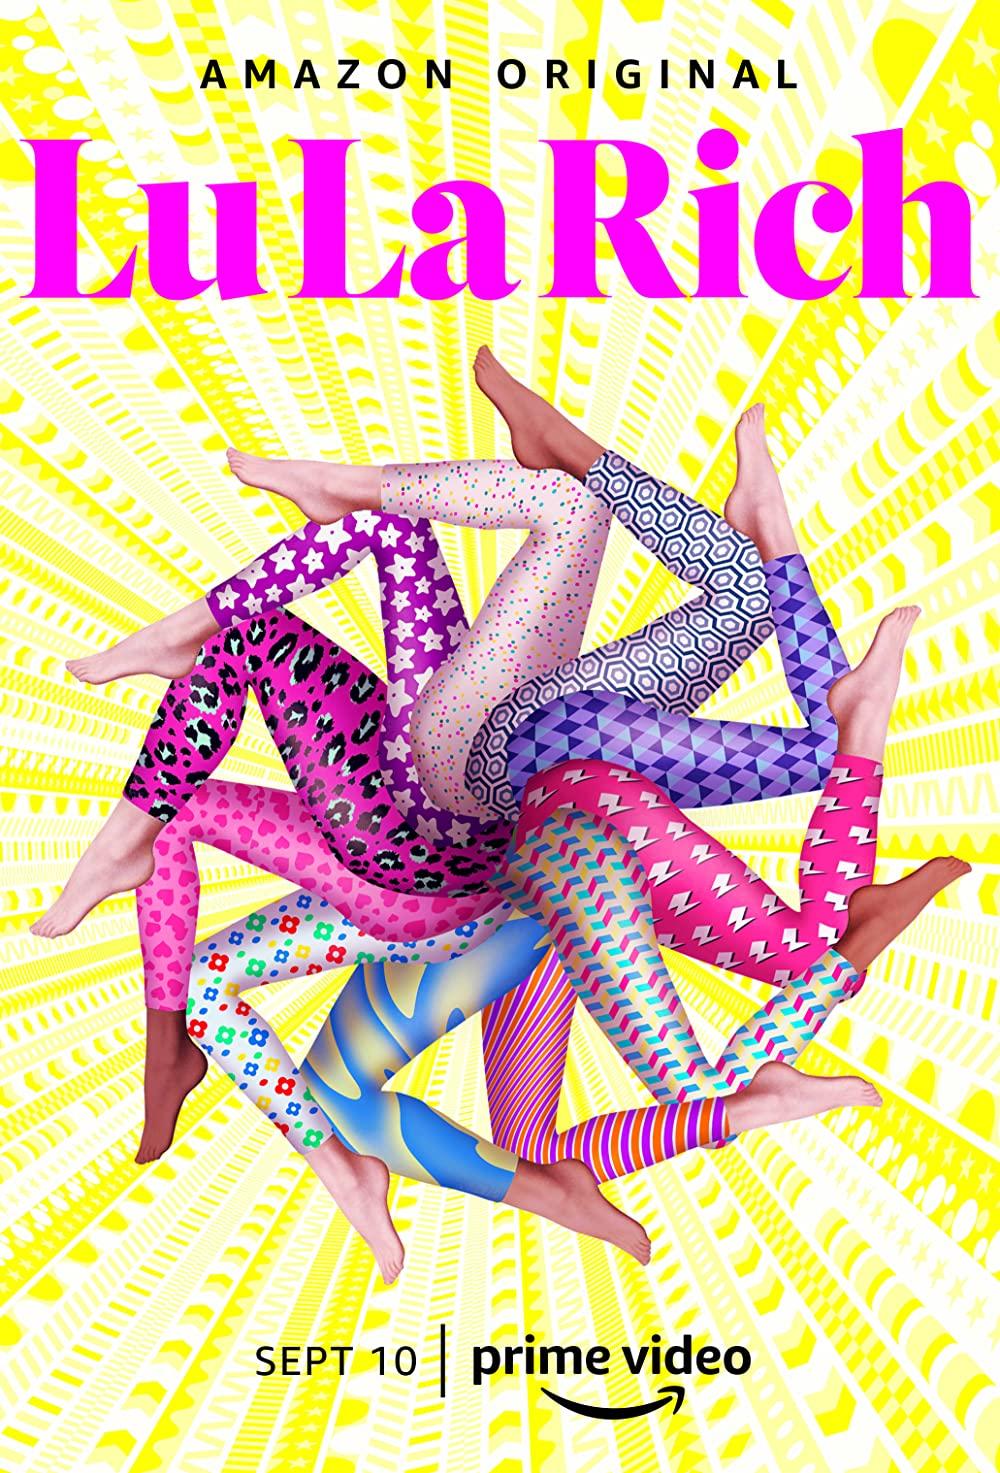 LuLaRich Film Poster